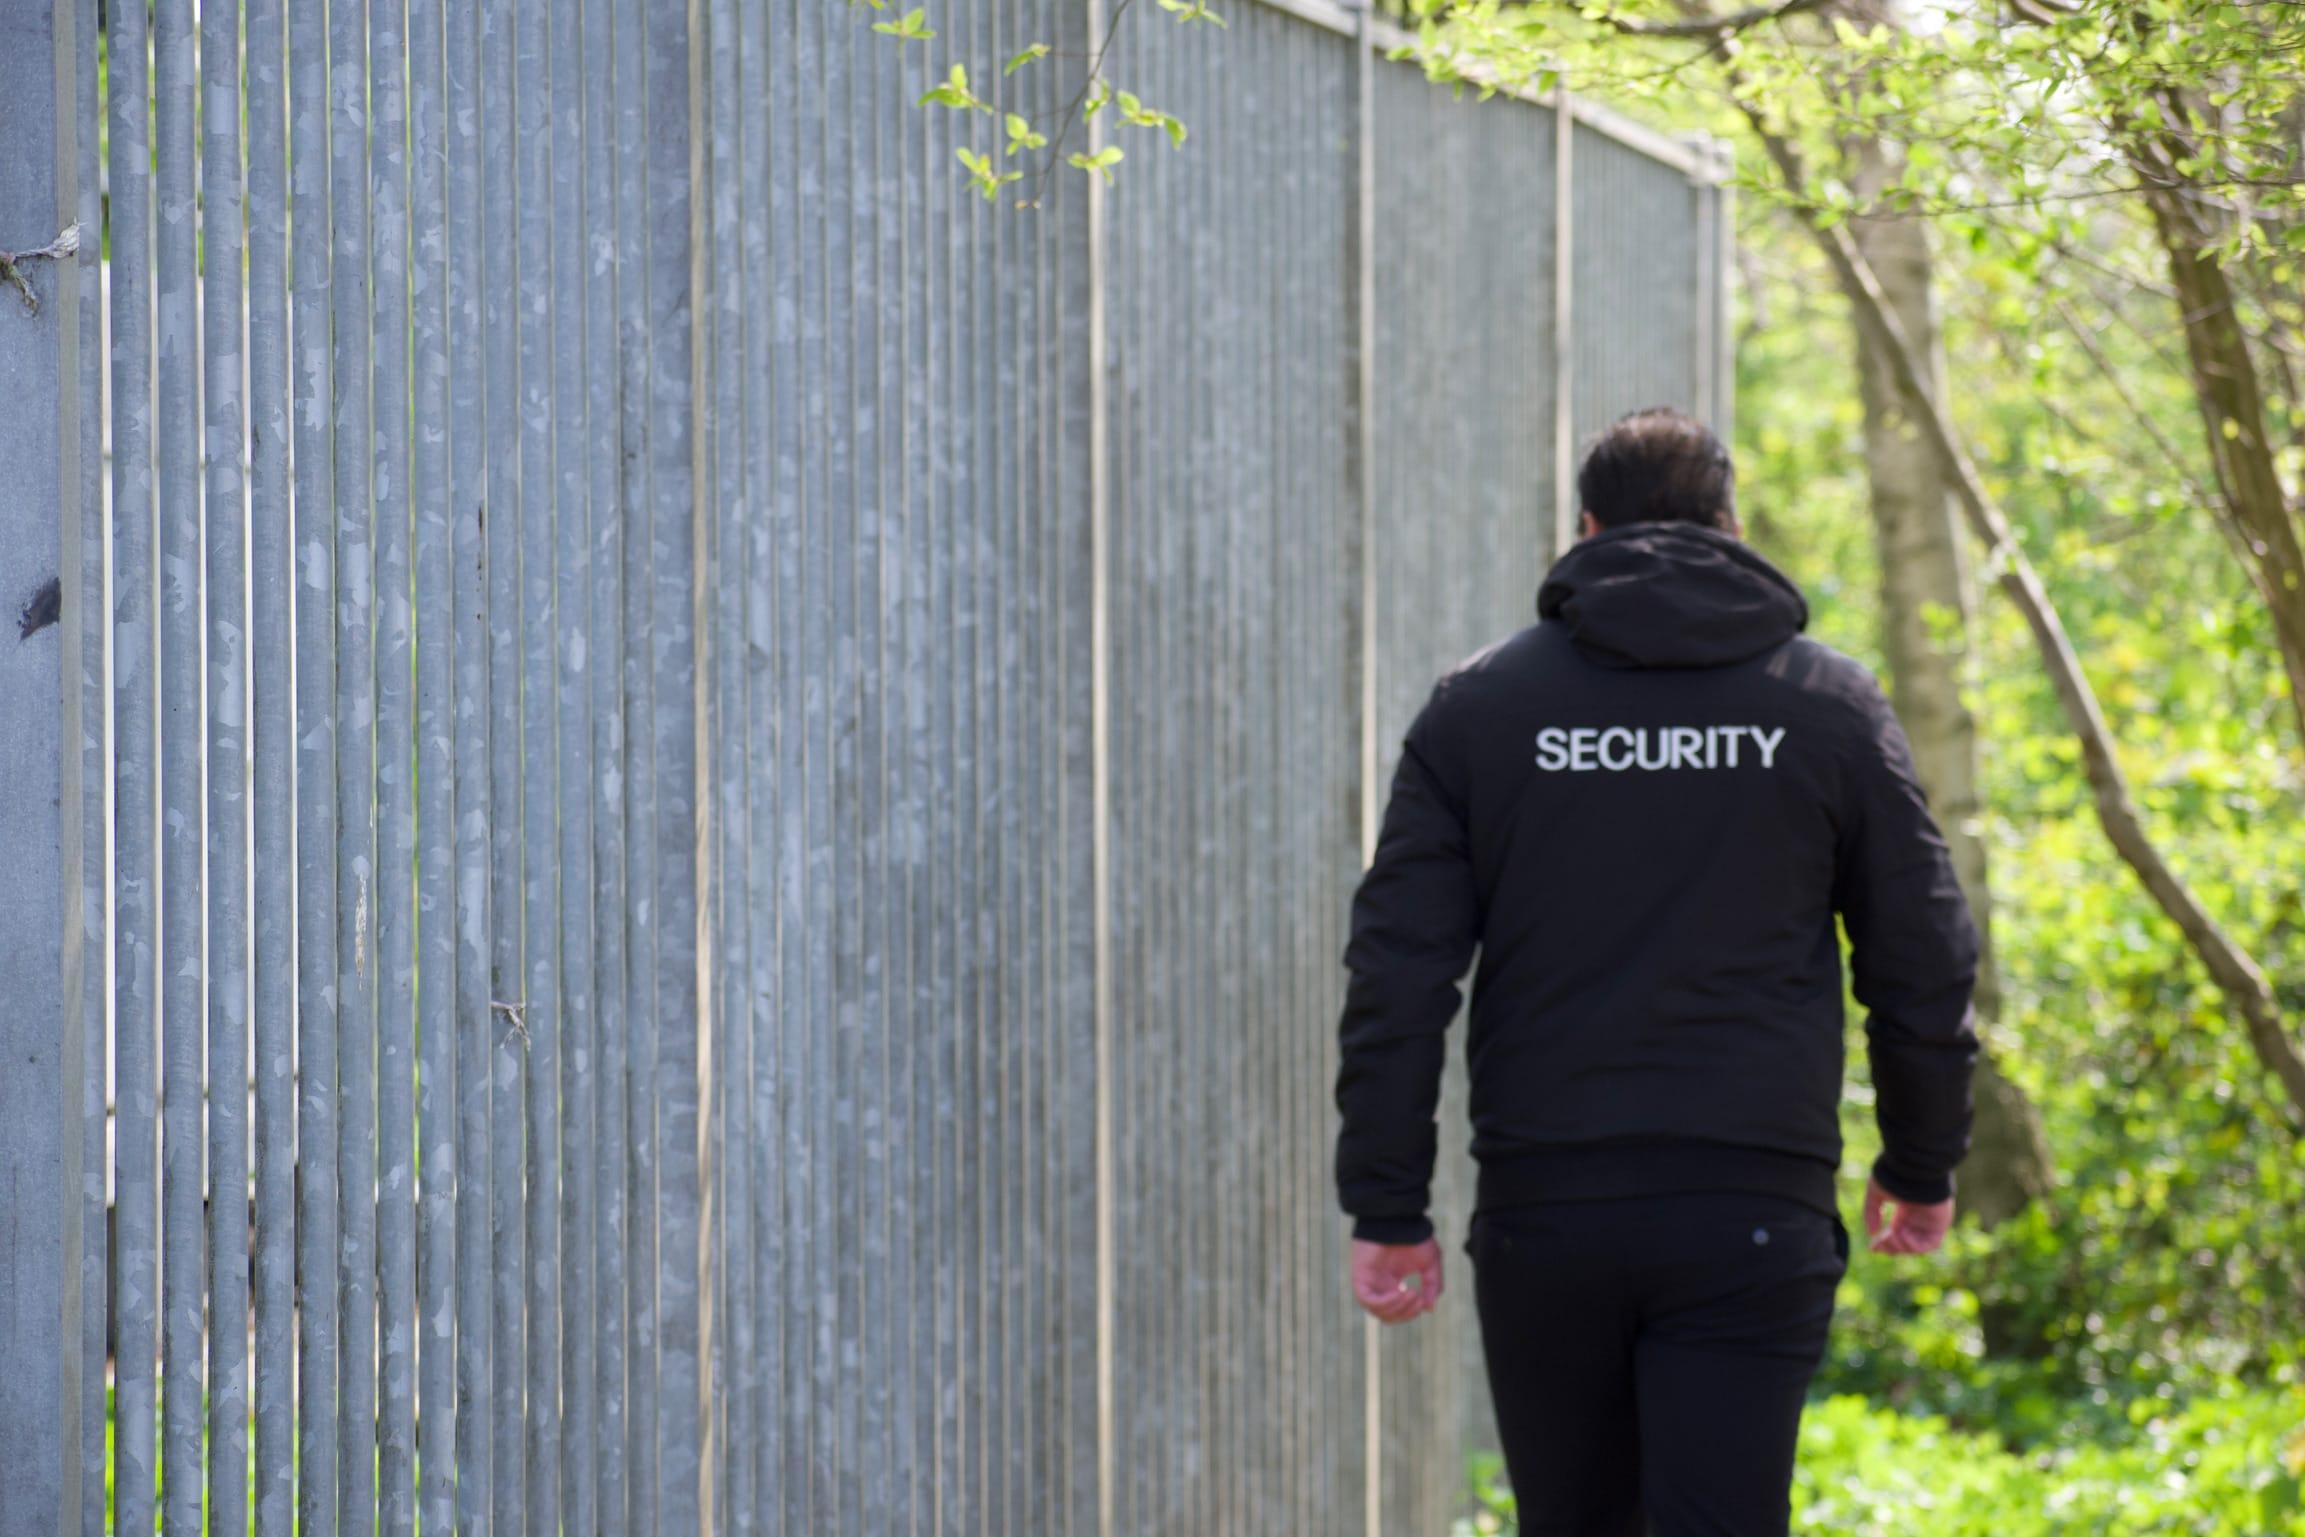 Bouw beveiliger loopt bij poort